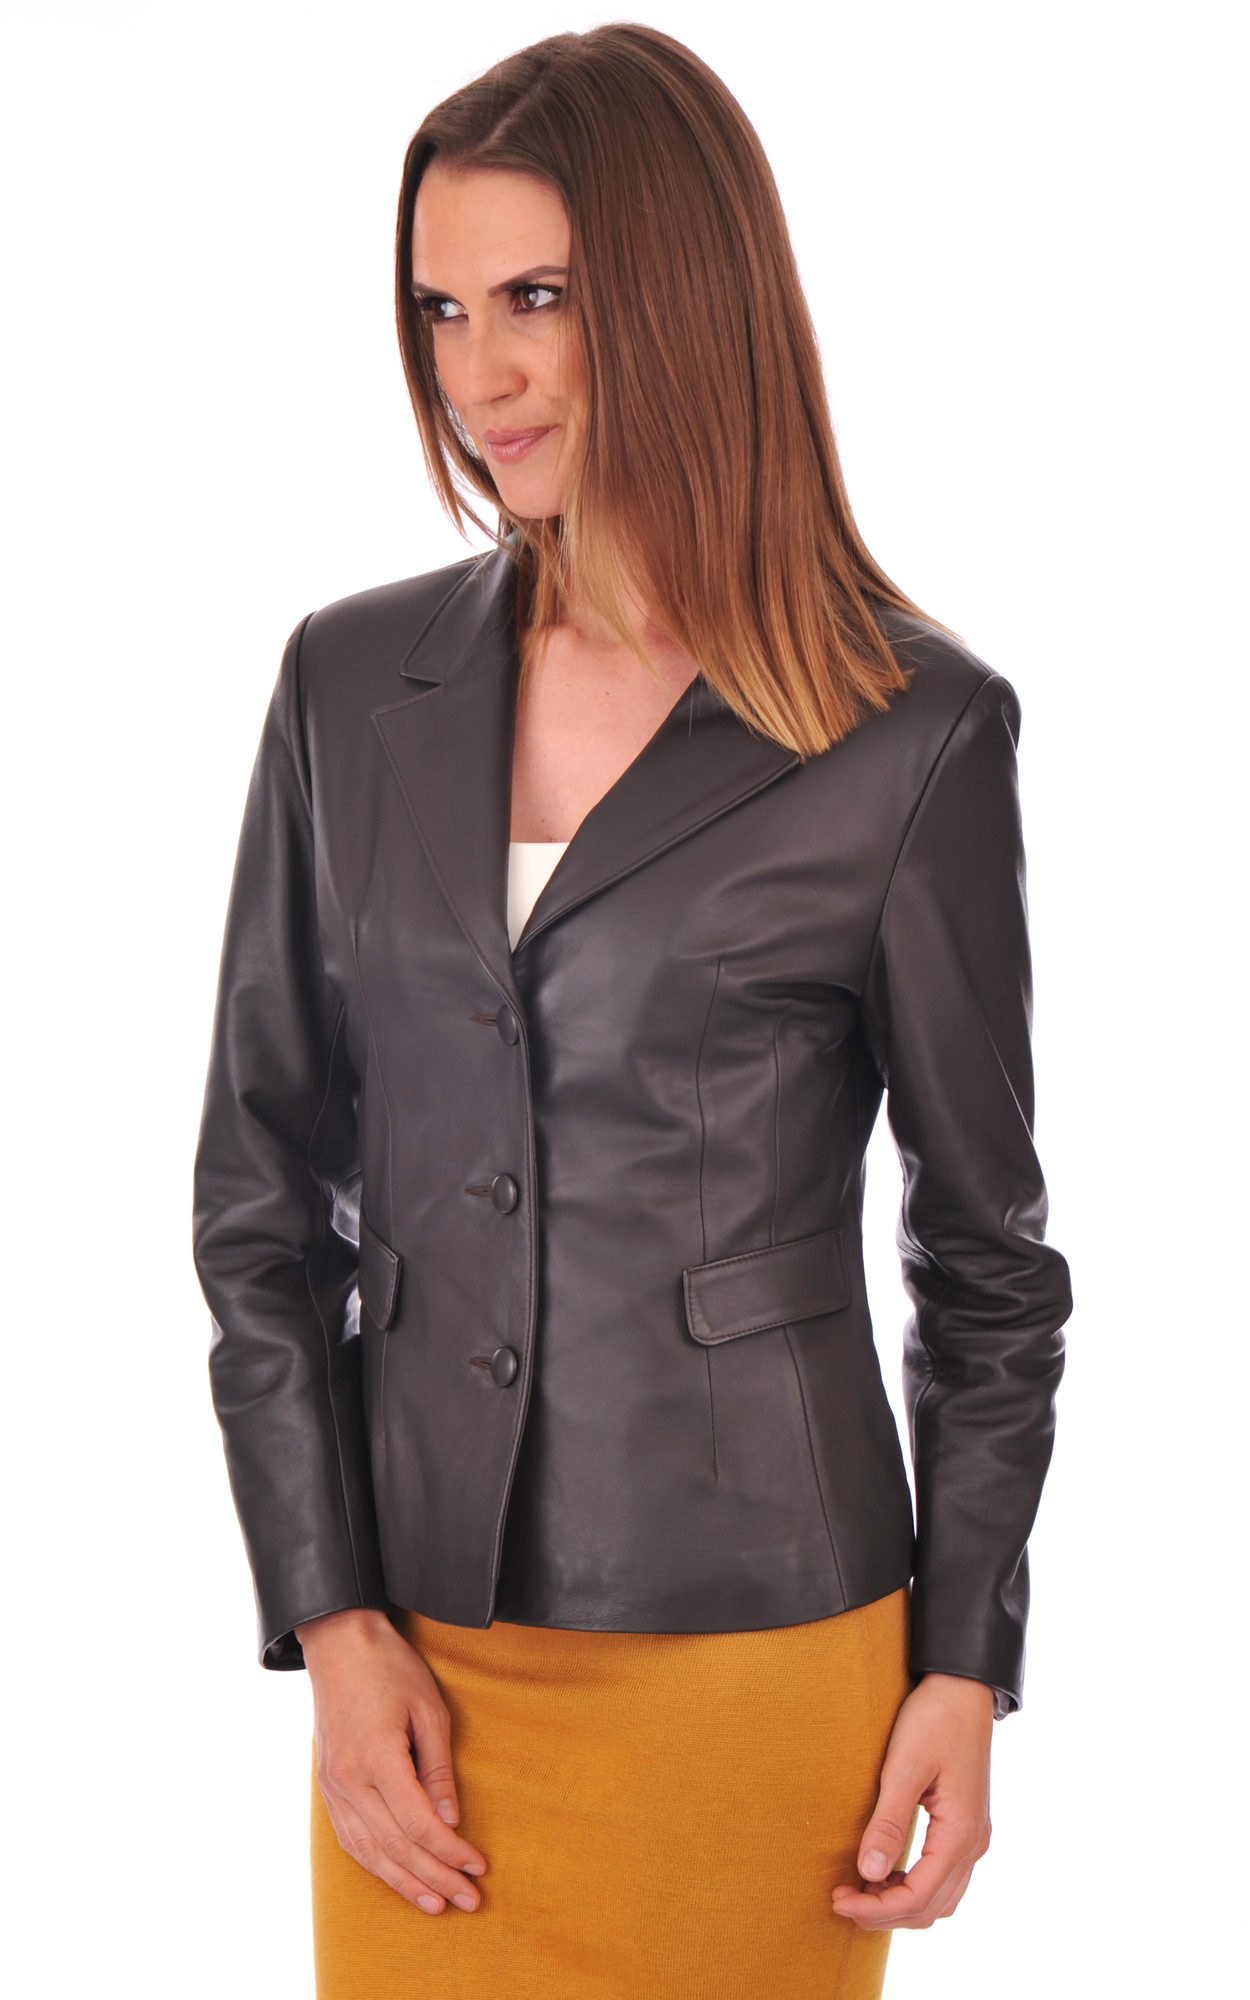 Veste en cuir femme la canadienne